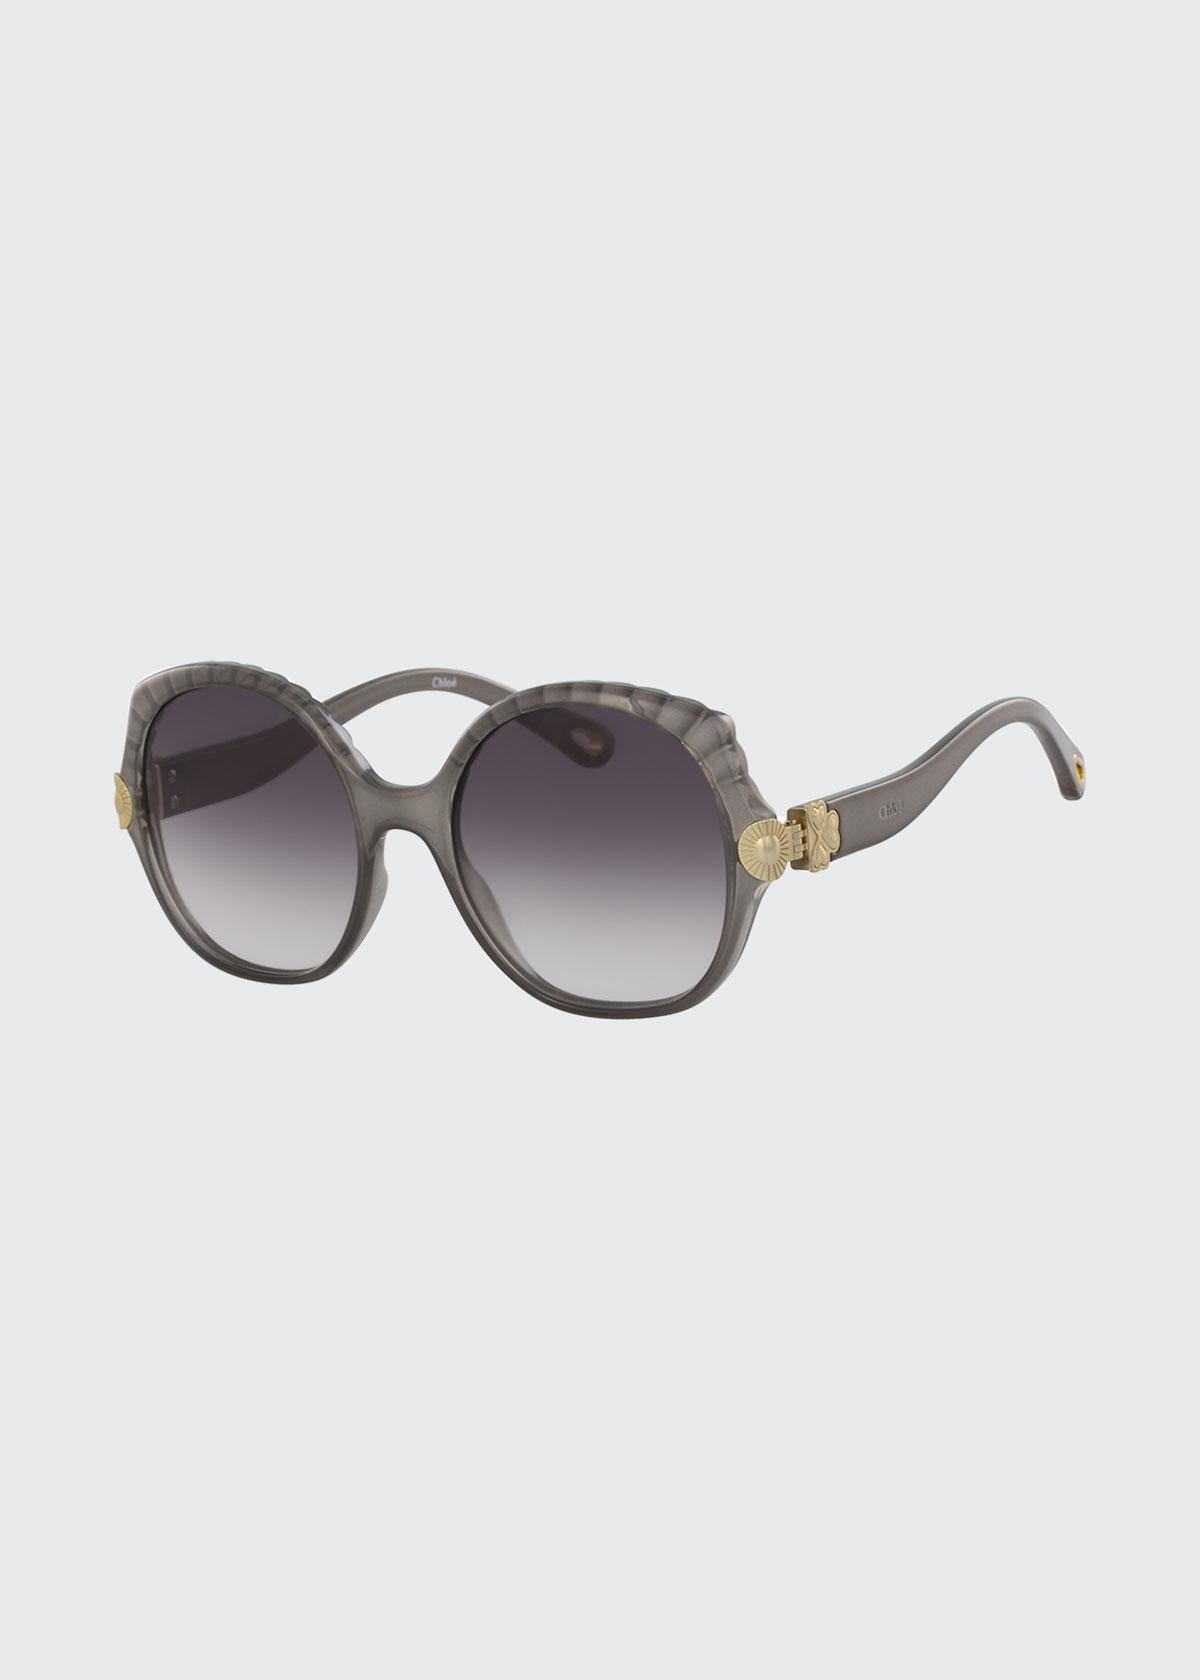 Chloé Sunglasses SCALLOPED ROUND PLASTIC SUNGLASSES